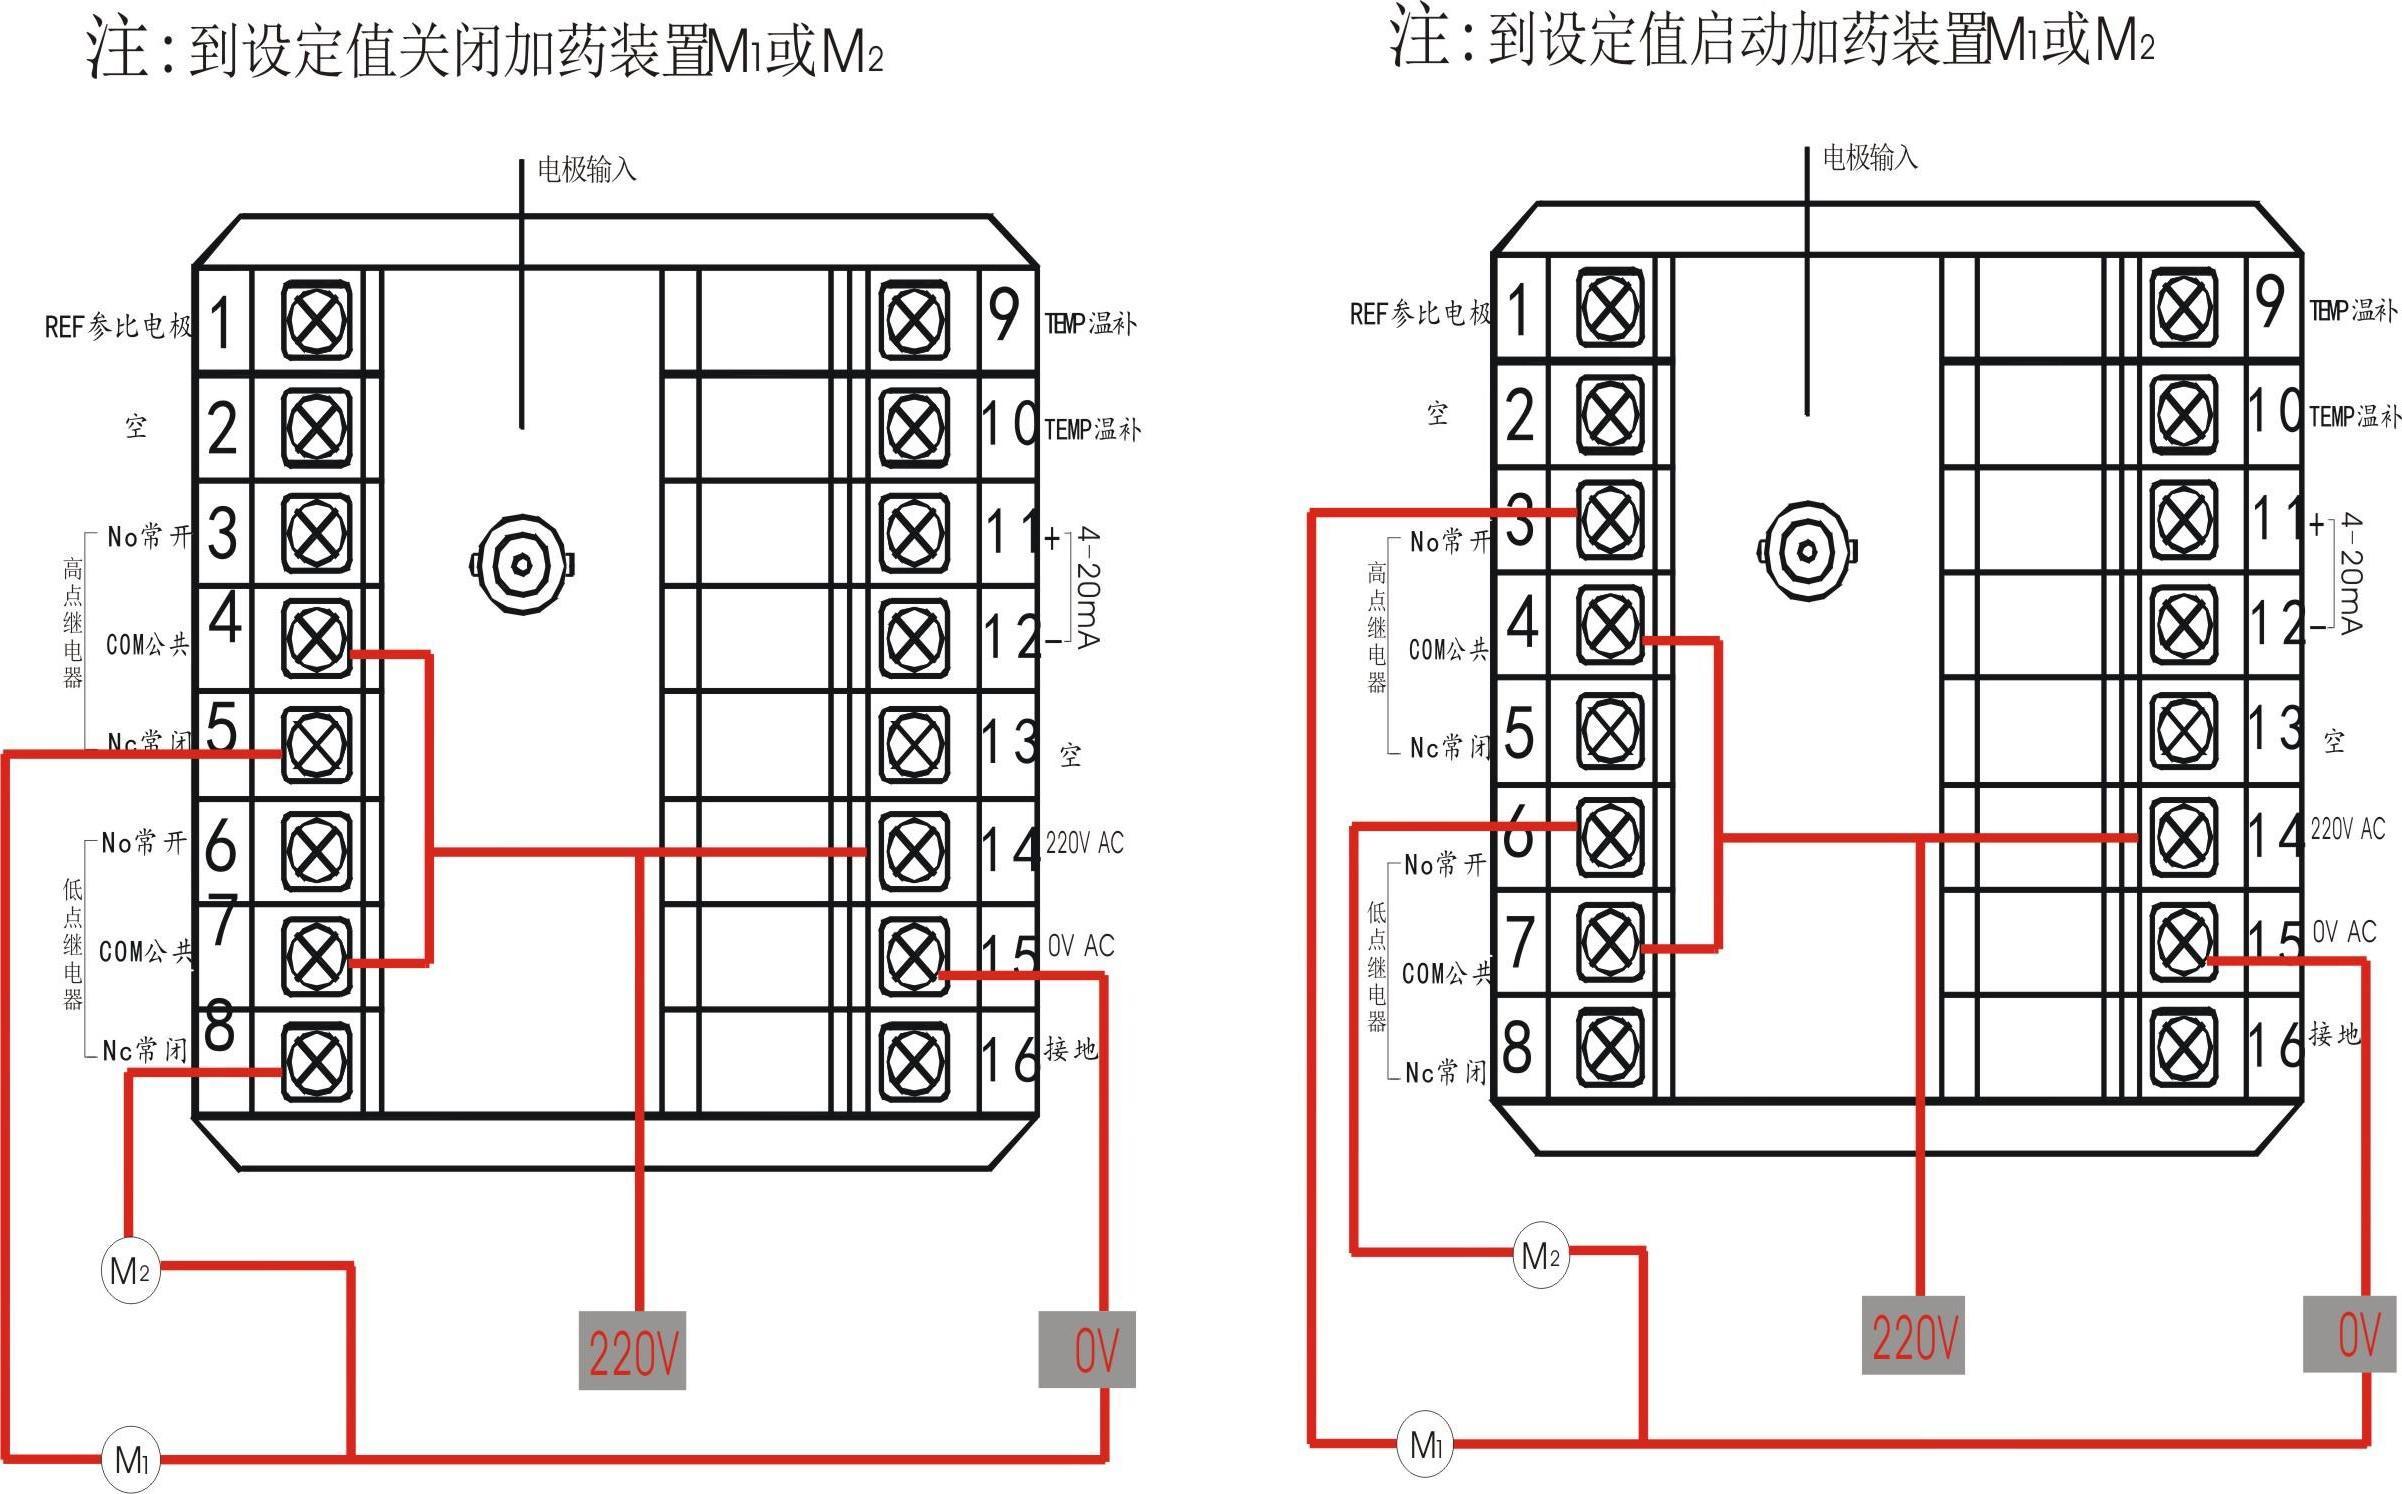 系统图主要由控制电路部分,ph控制仪,ph传感器三大部分组成.